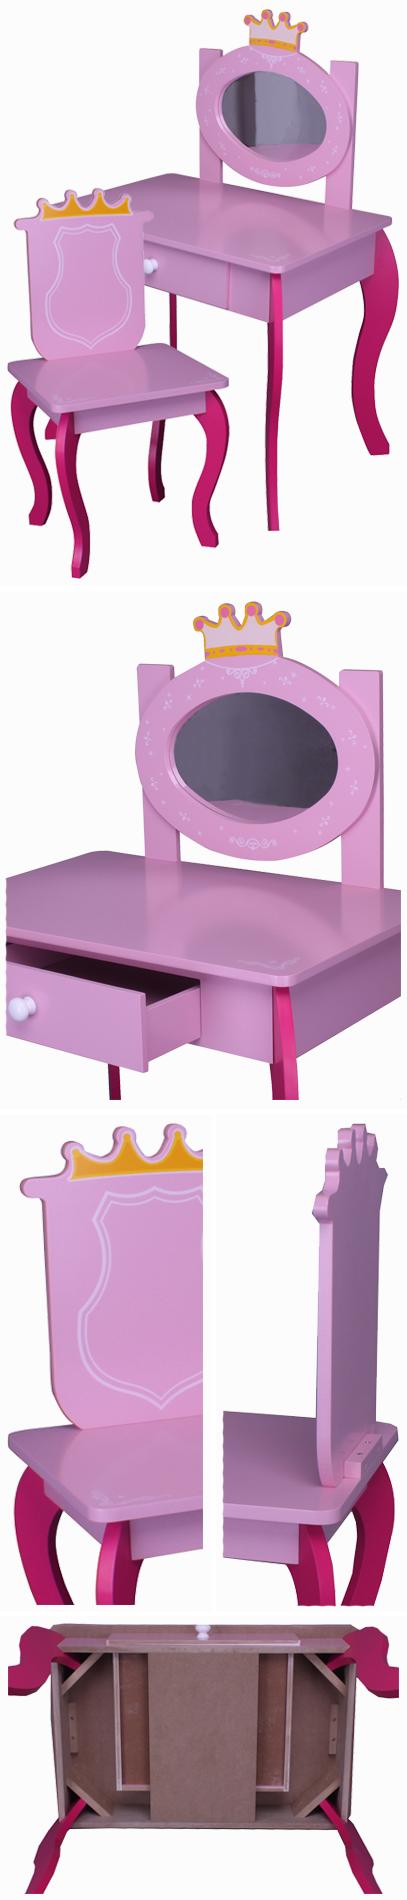 kinder schminktisch pink rosa spiegel schublade stuhl. Black Bedroom Furniture Sets. Home Design Ideas